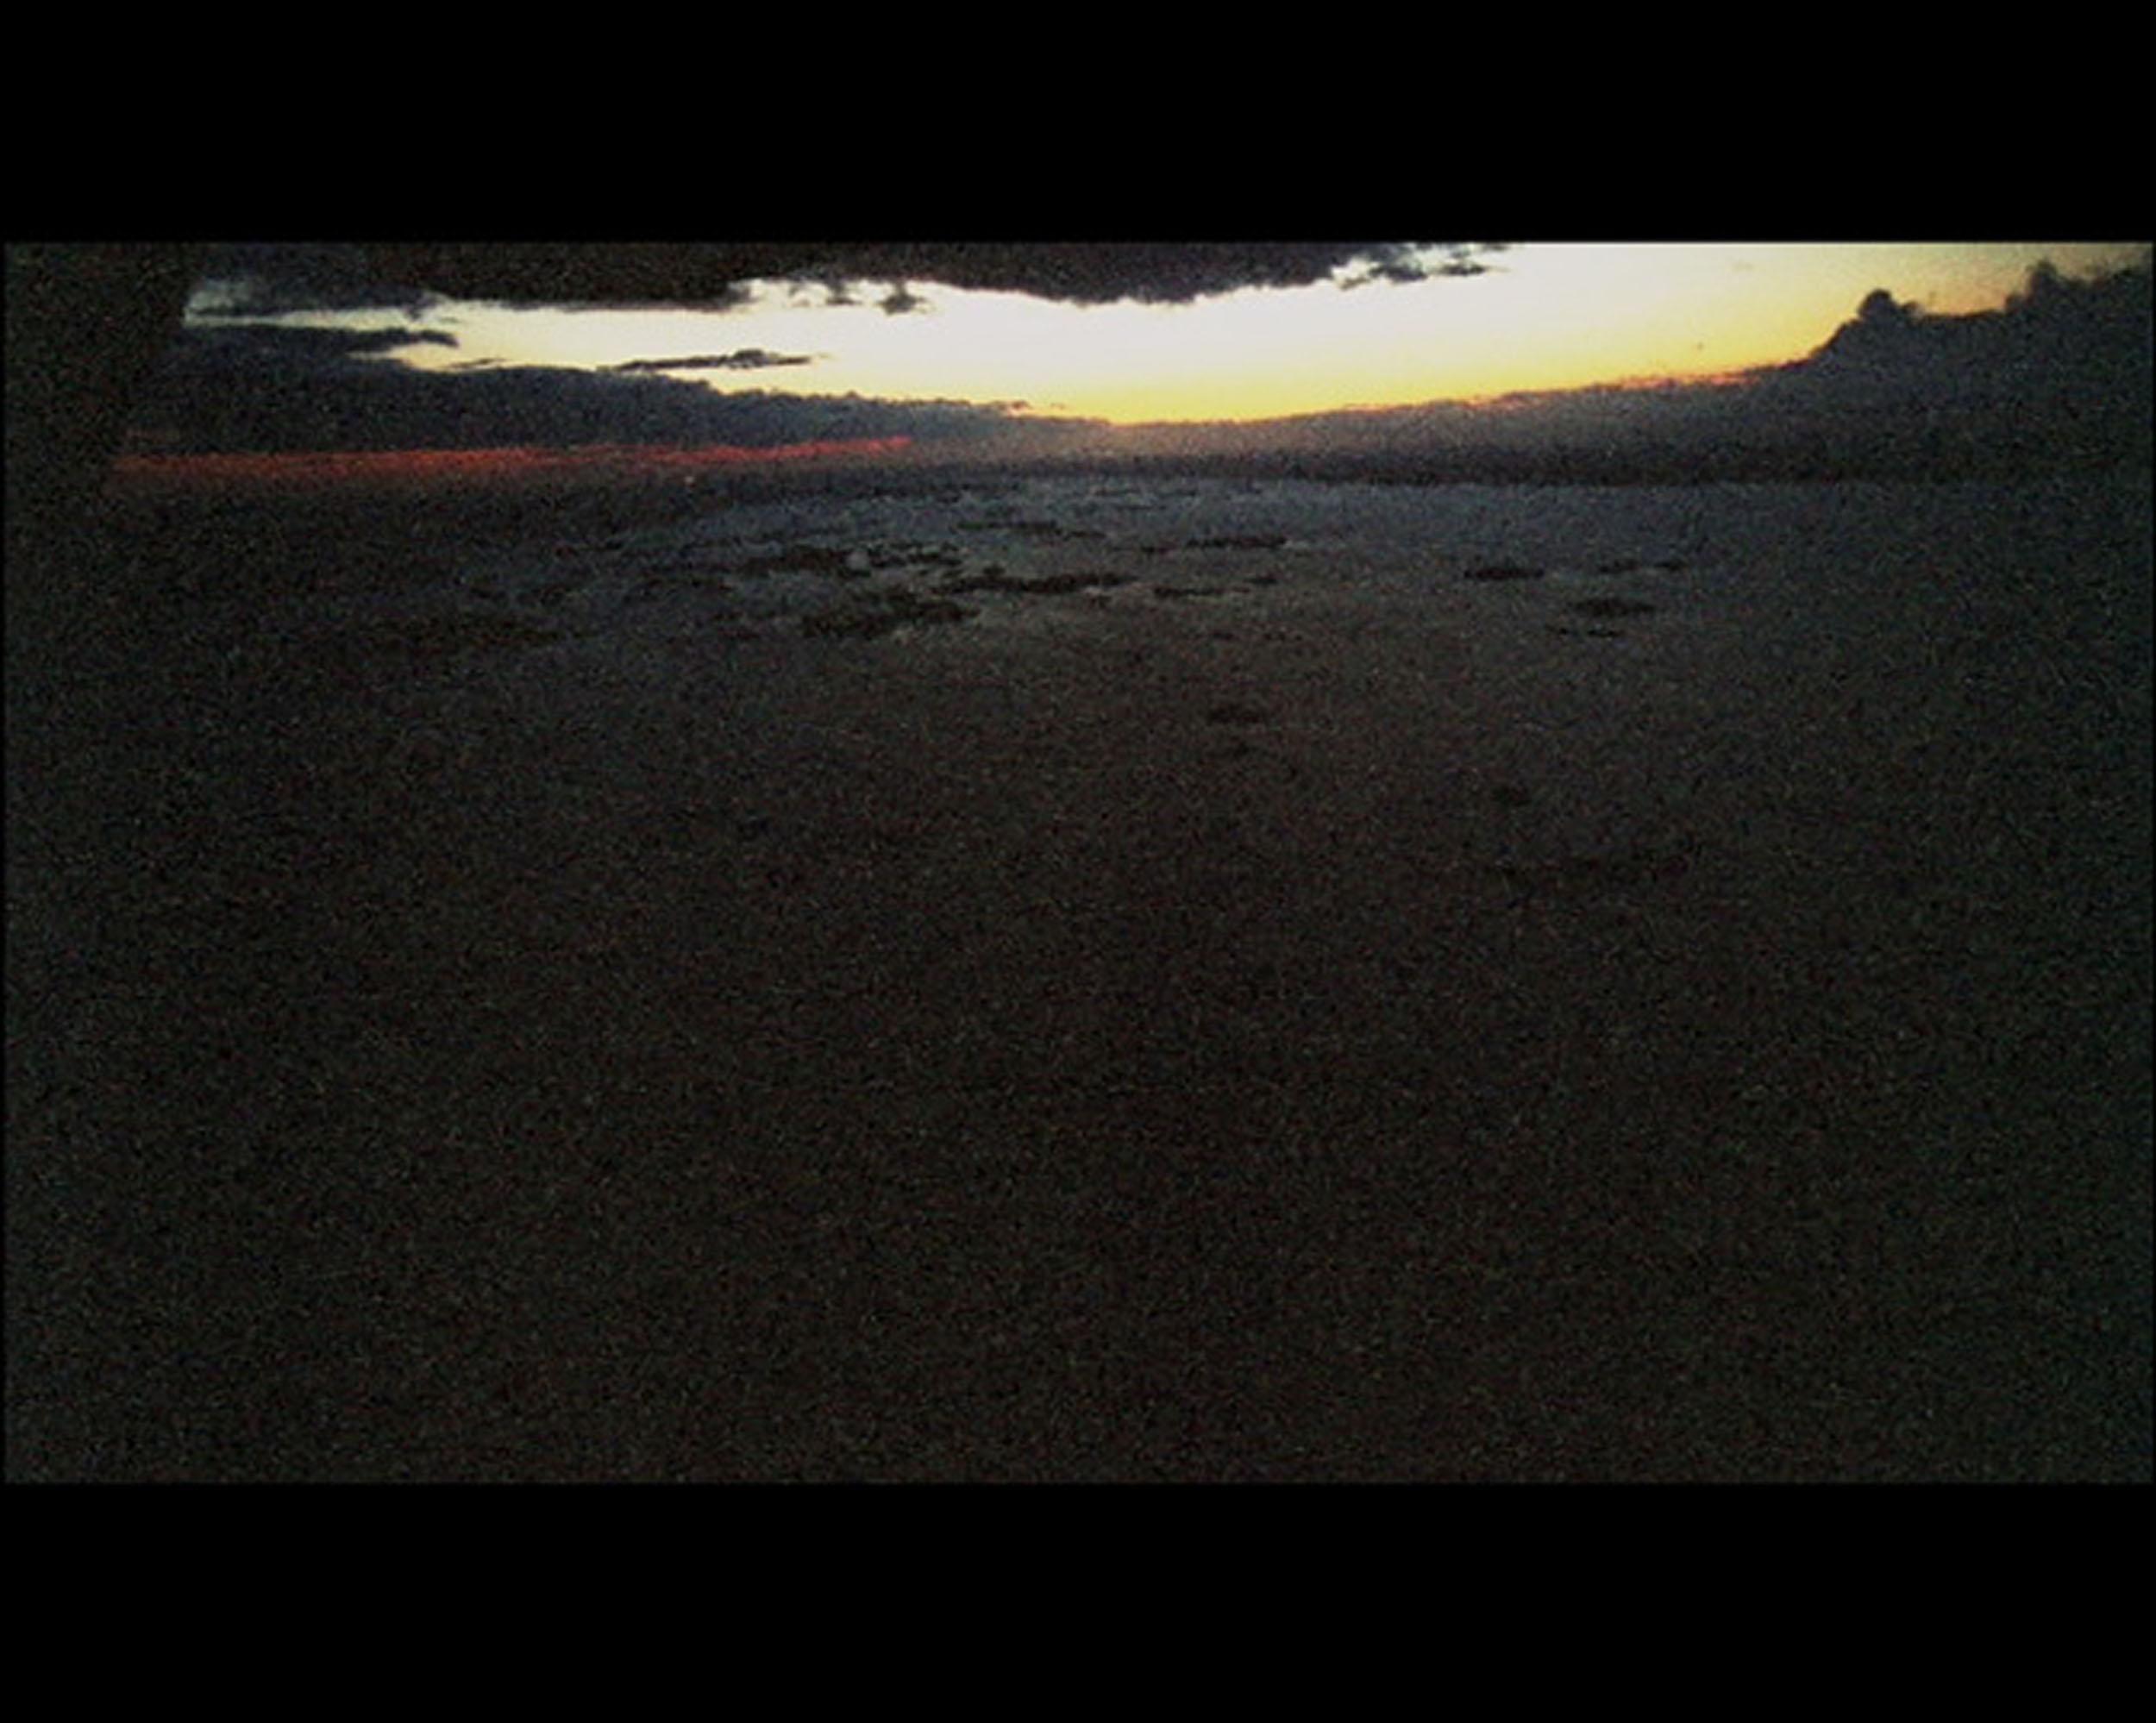 RB_2009_Let_me_see_it_3.jpg